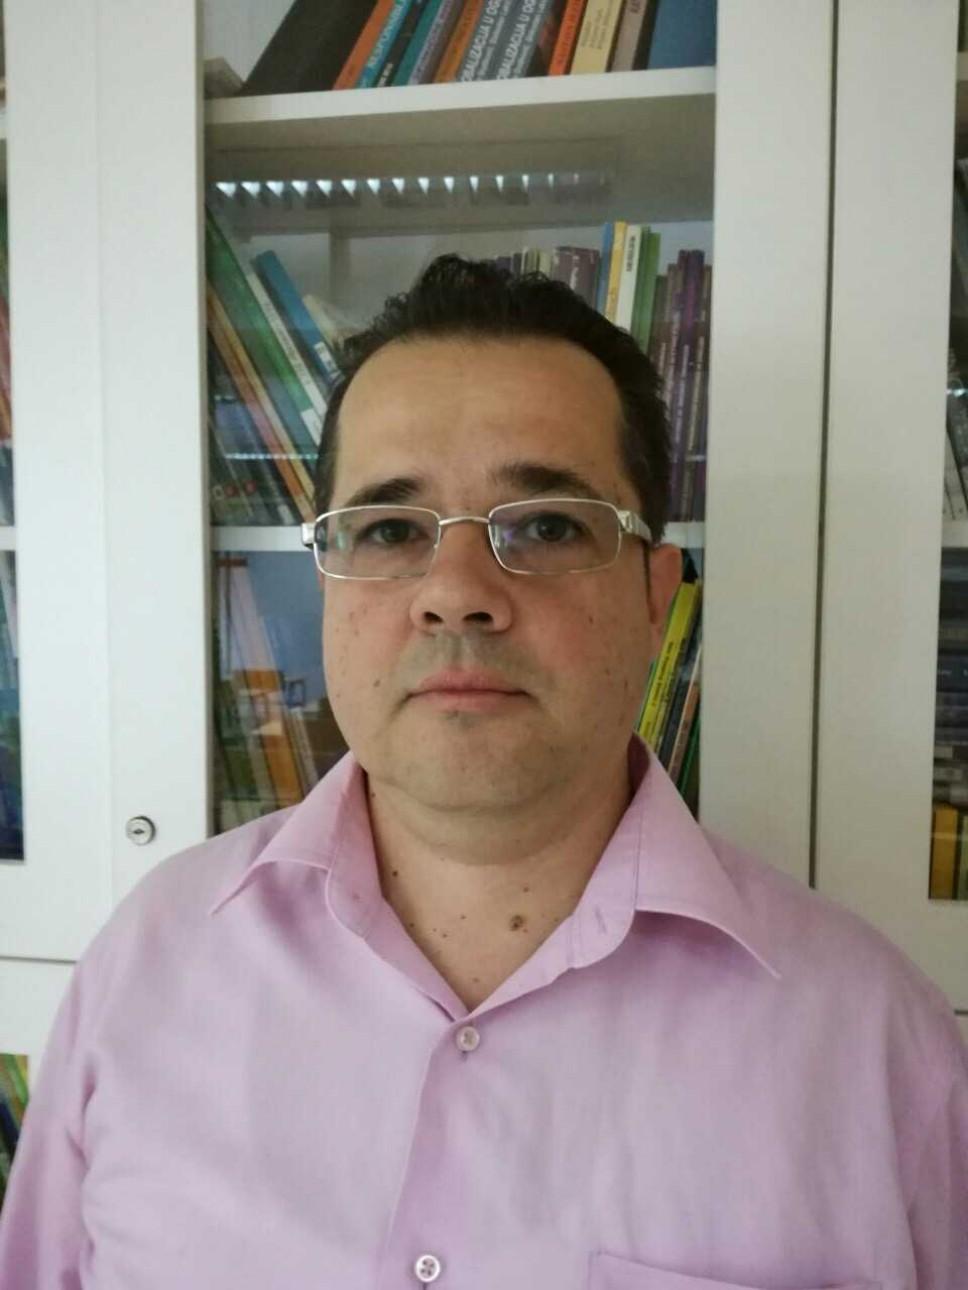 Biografija - Kostić Savo